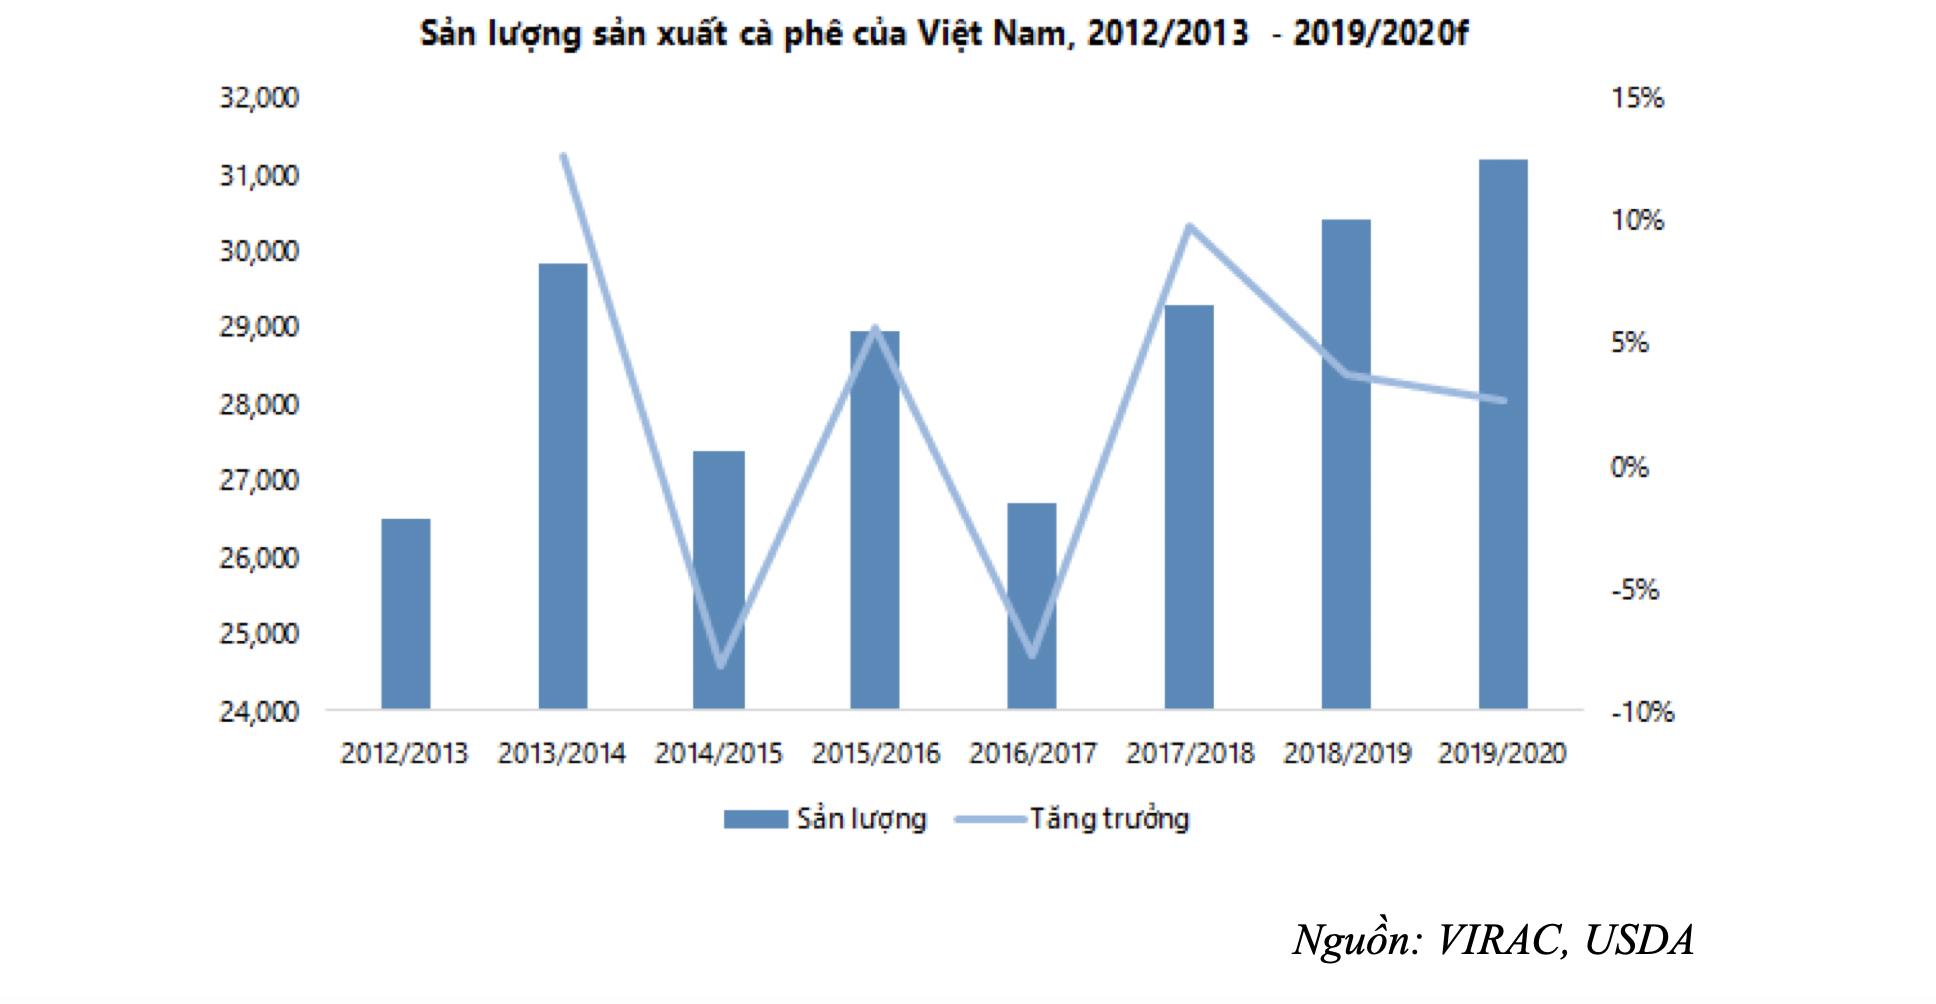 Sản lượng giảm nhưng giá cà phê Việt Nam vẫn chưa thể phục hồi  - Ảnh 1.